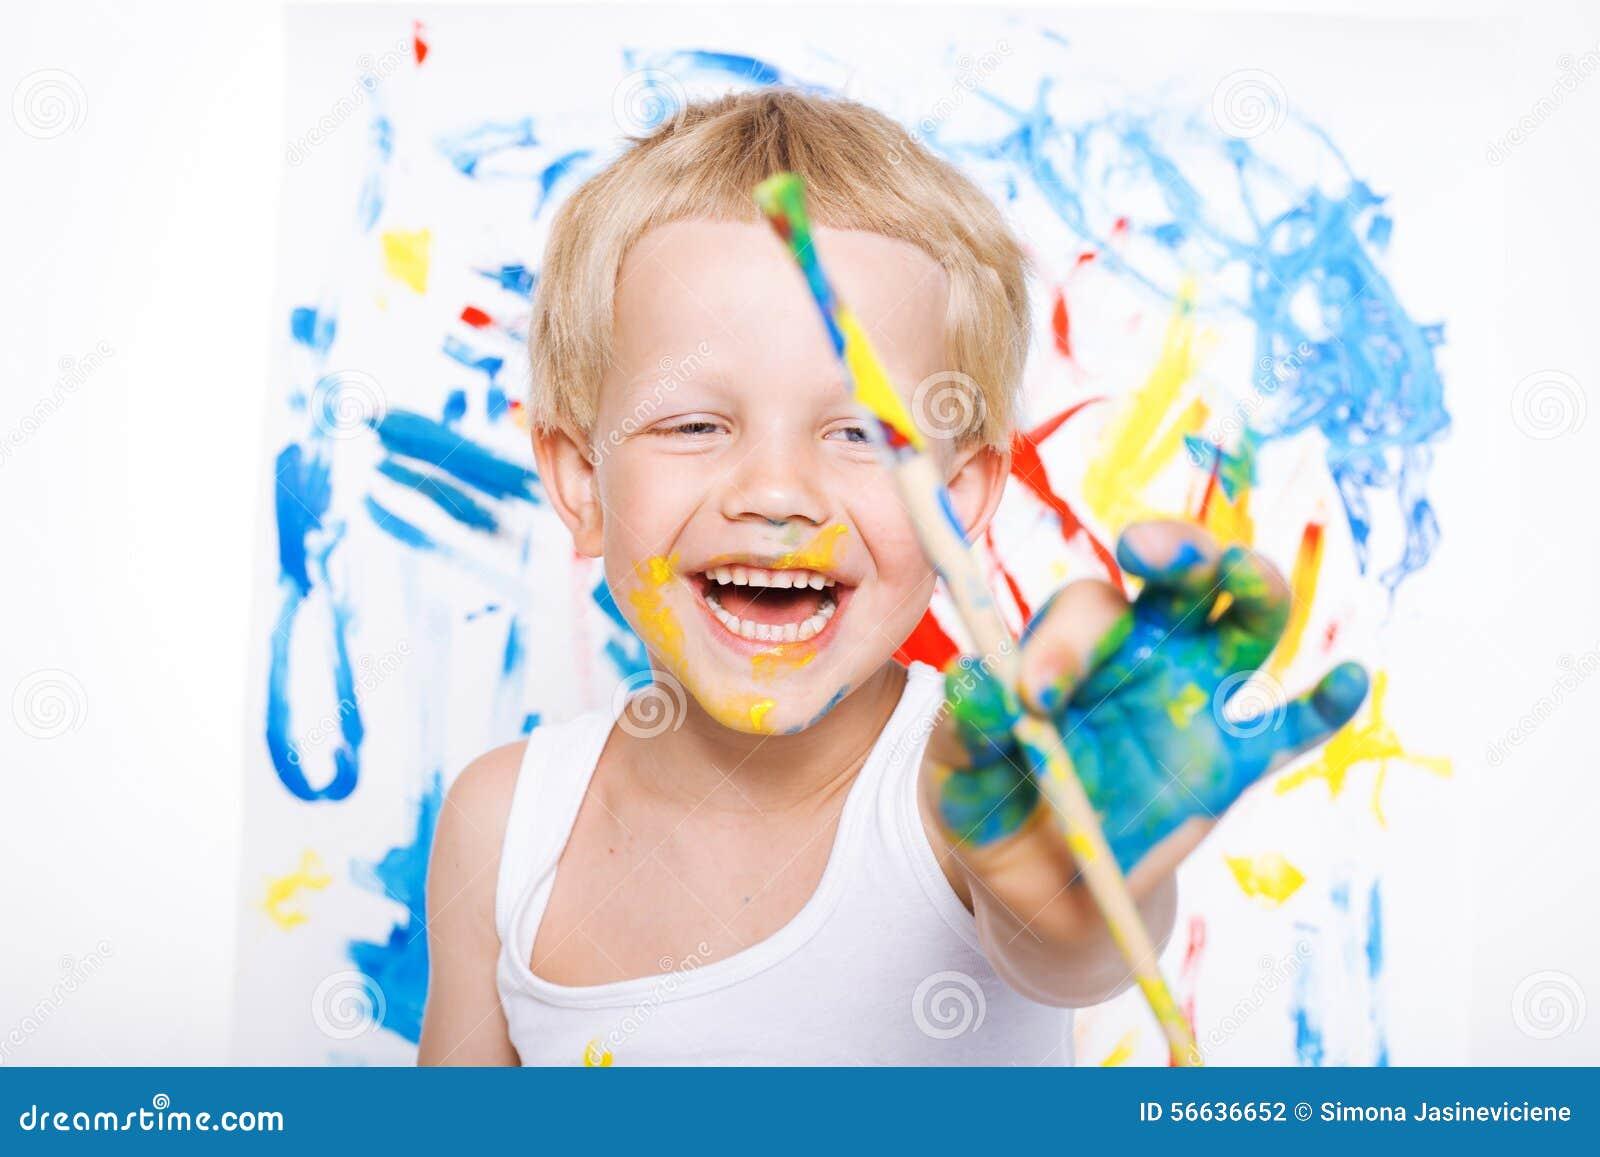 Weinig het slordige jong geitje schilderen met penseelbeeld op schildersezel onderwijs - Schilderen kind jongen ...